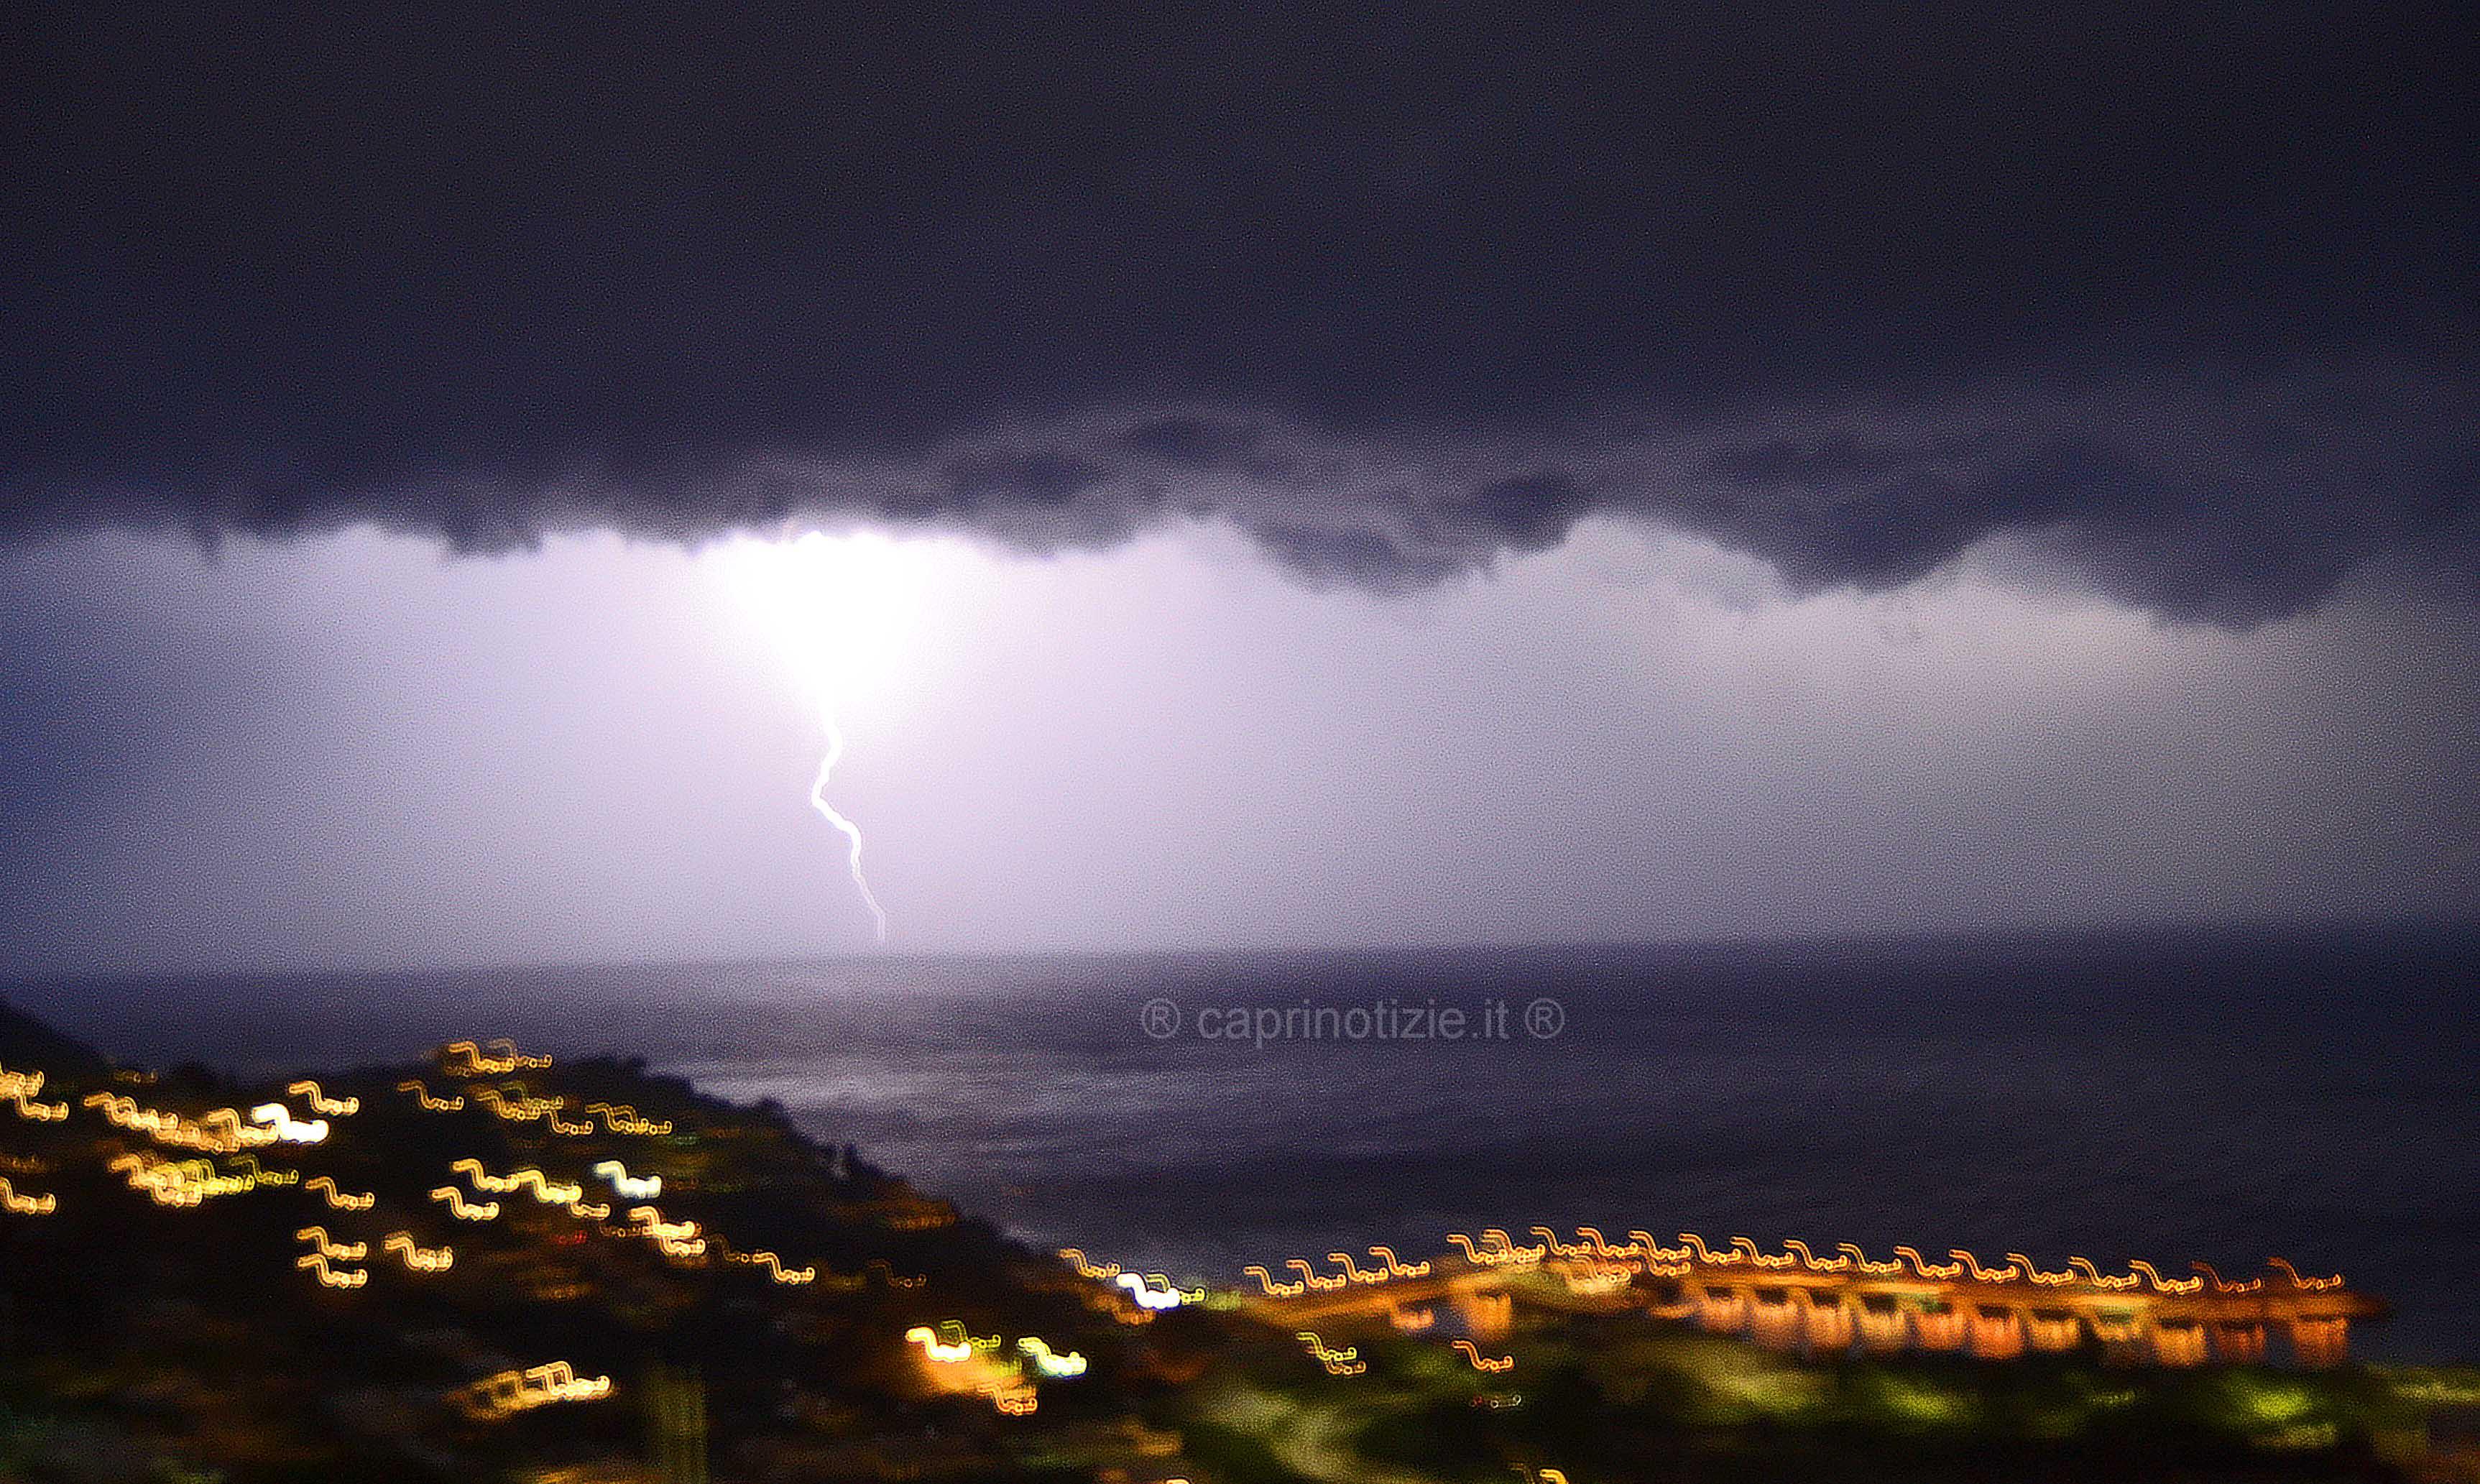 Capri, notte di pioggia e lampi, le foto